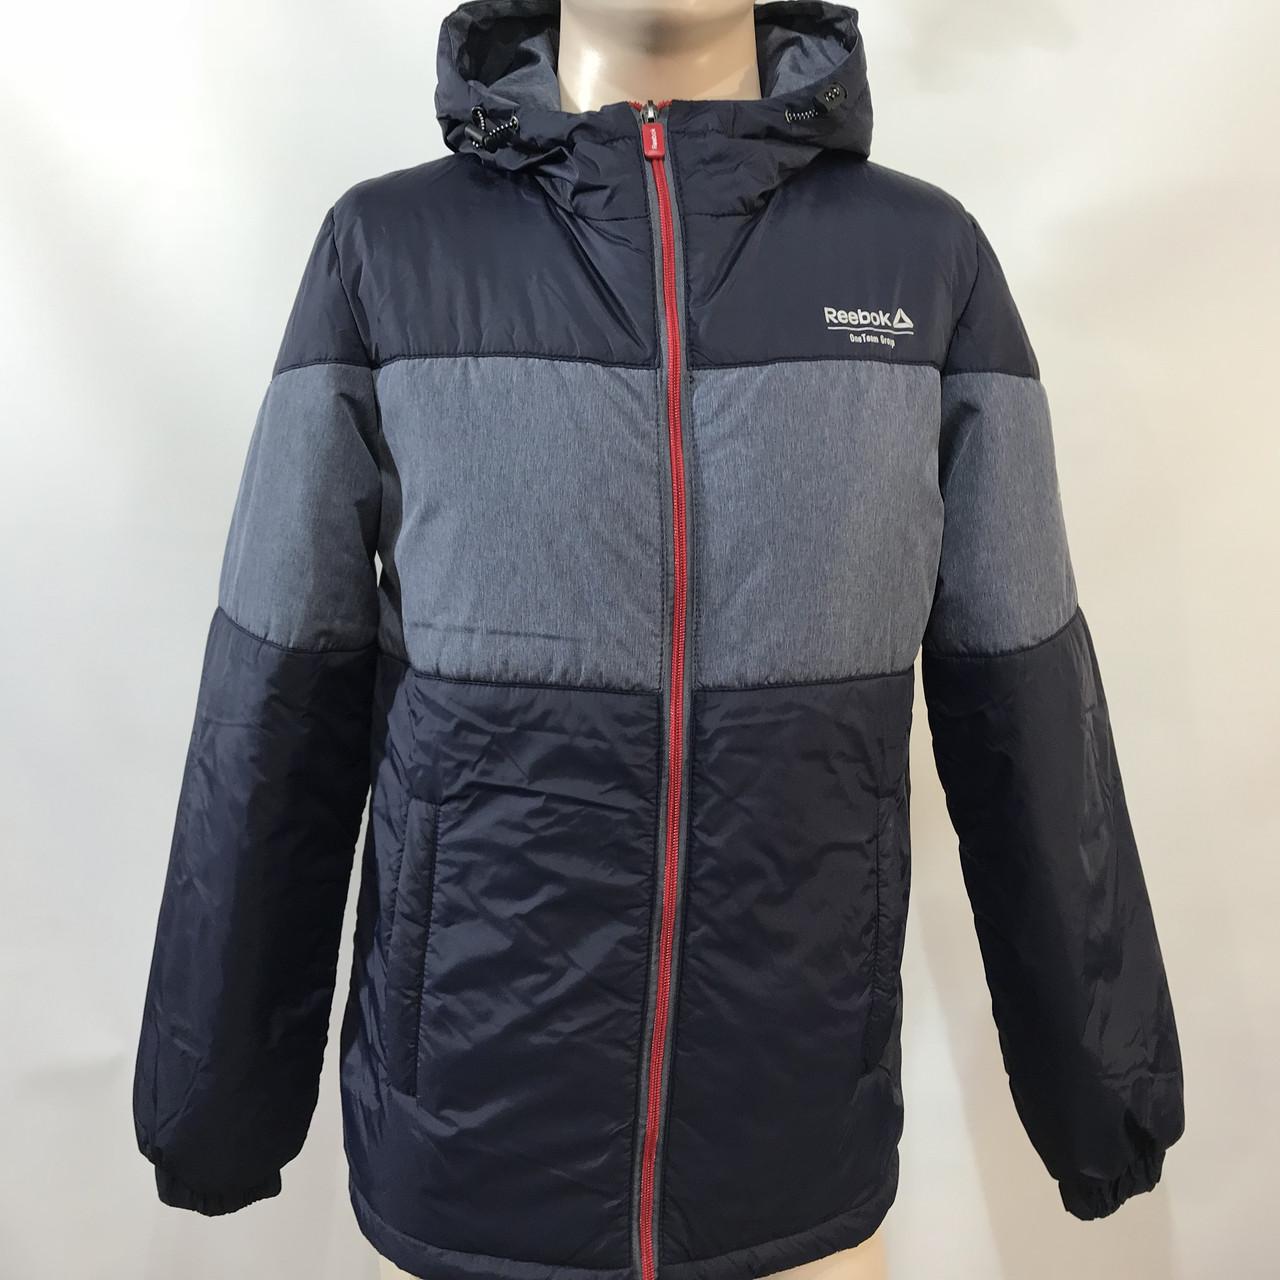 Куртка ветровка мужская в стиле Reebok демисезонная куртка